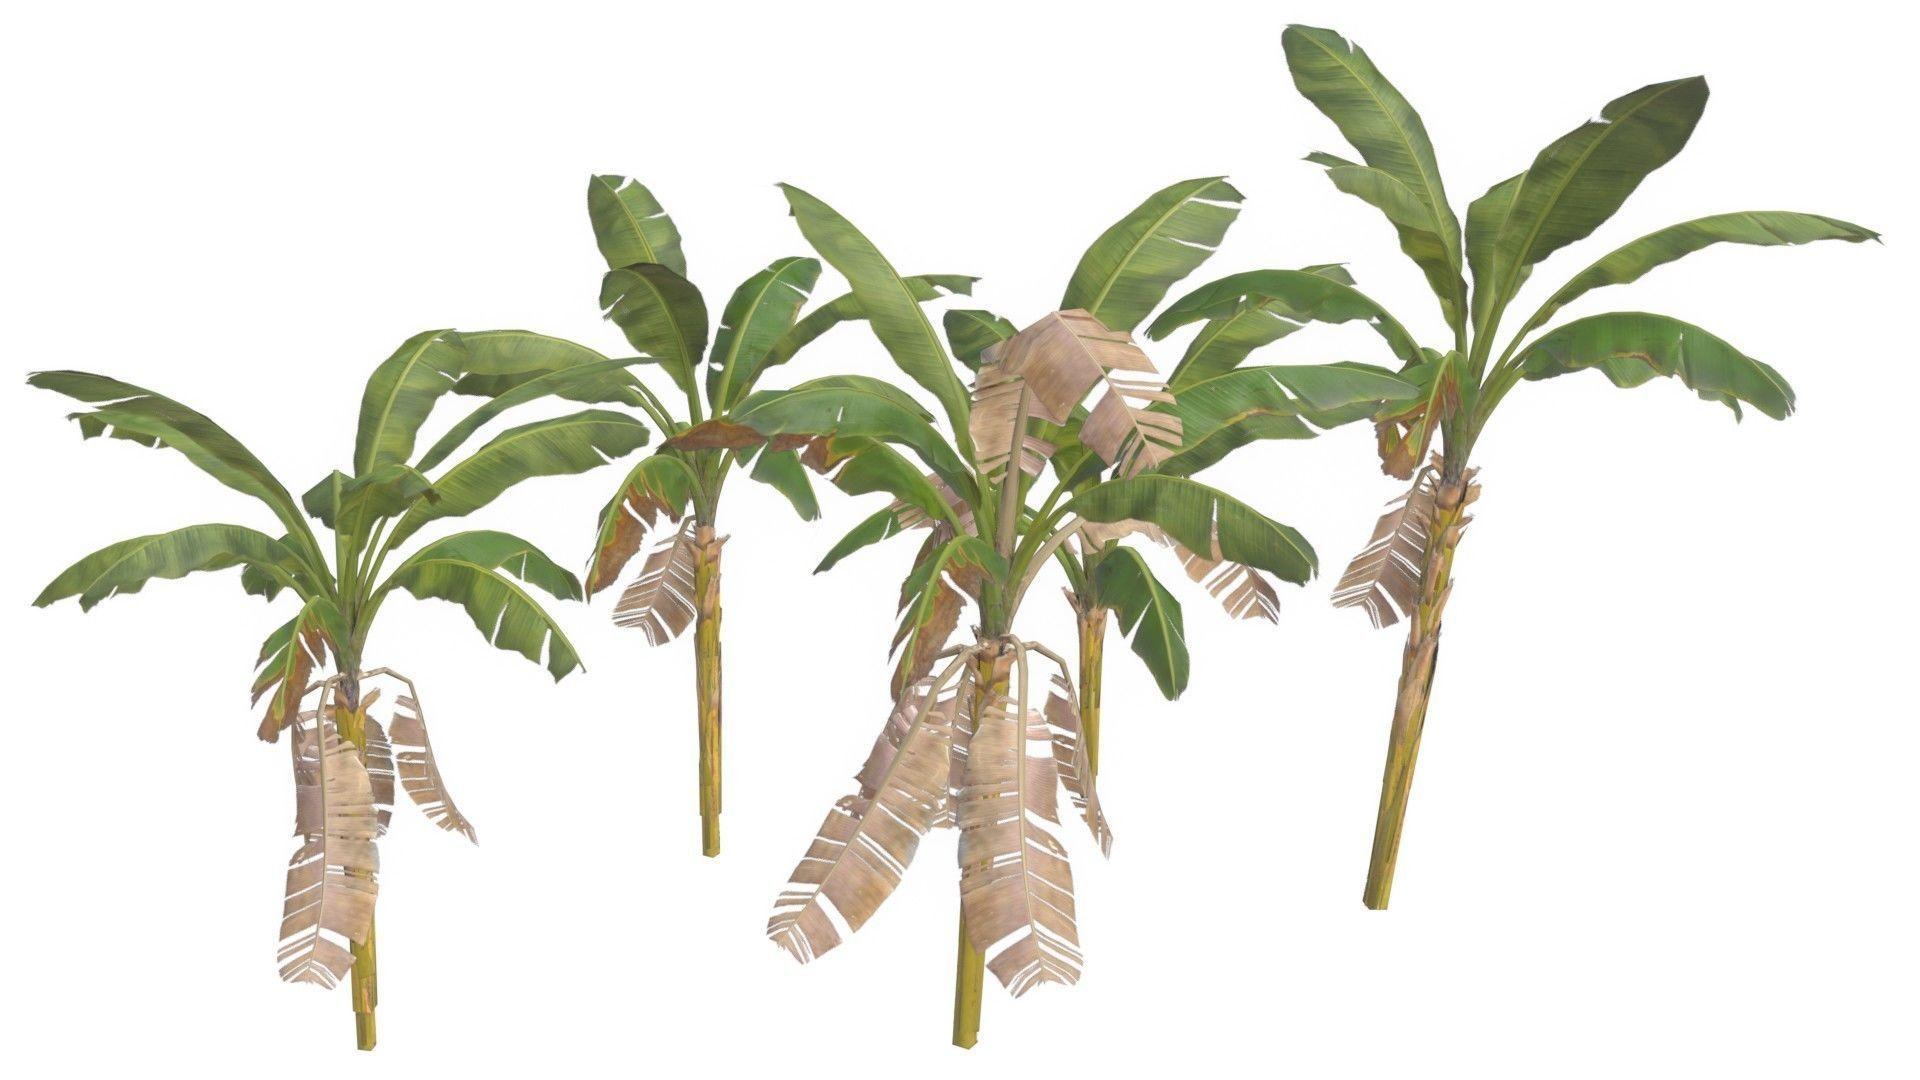 Banana Trees 02